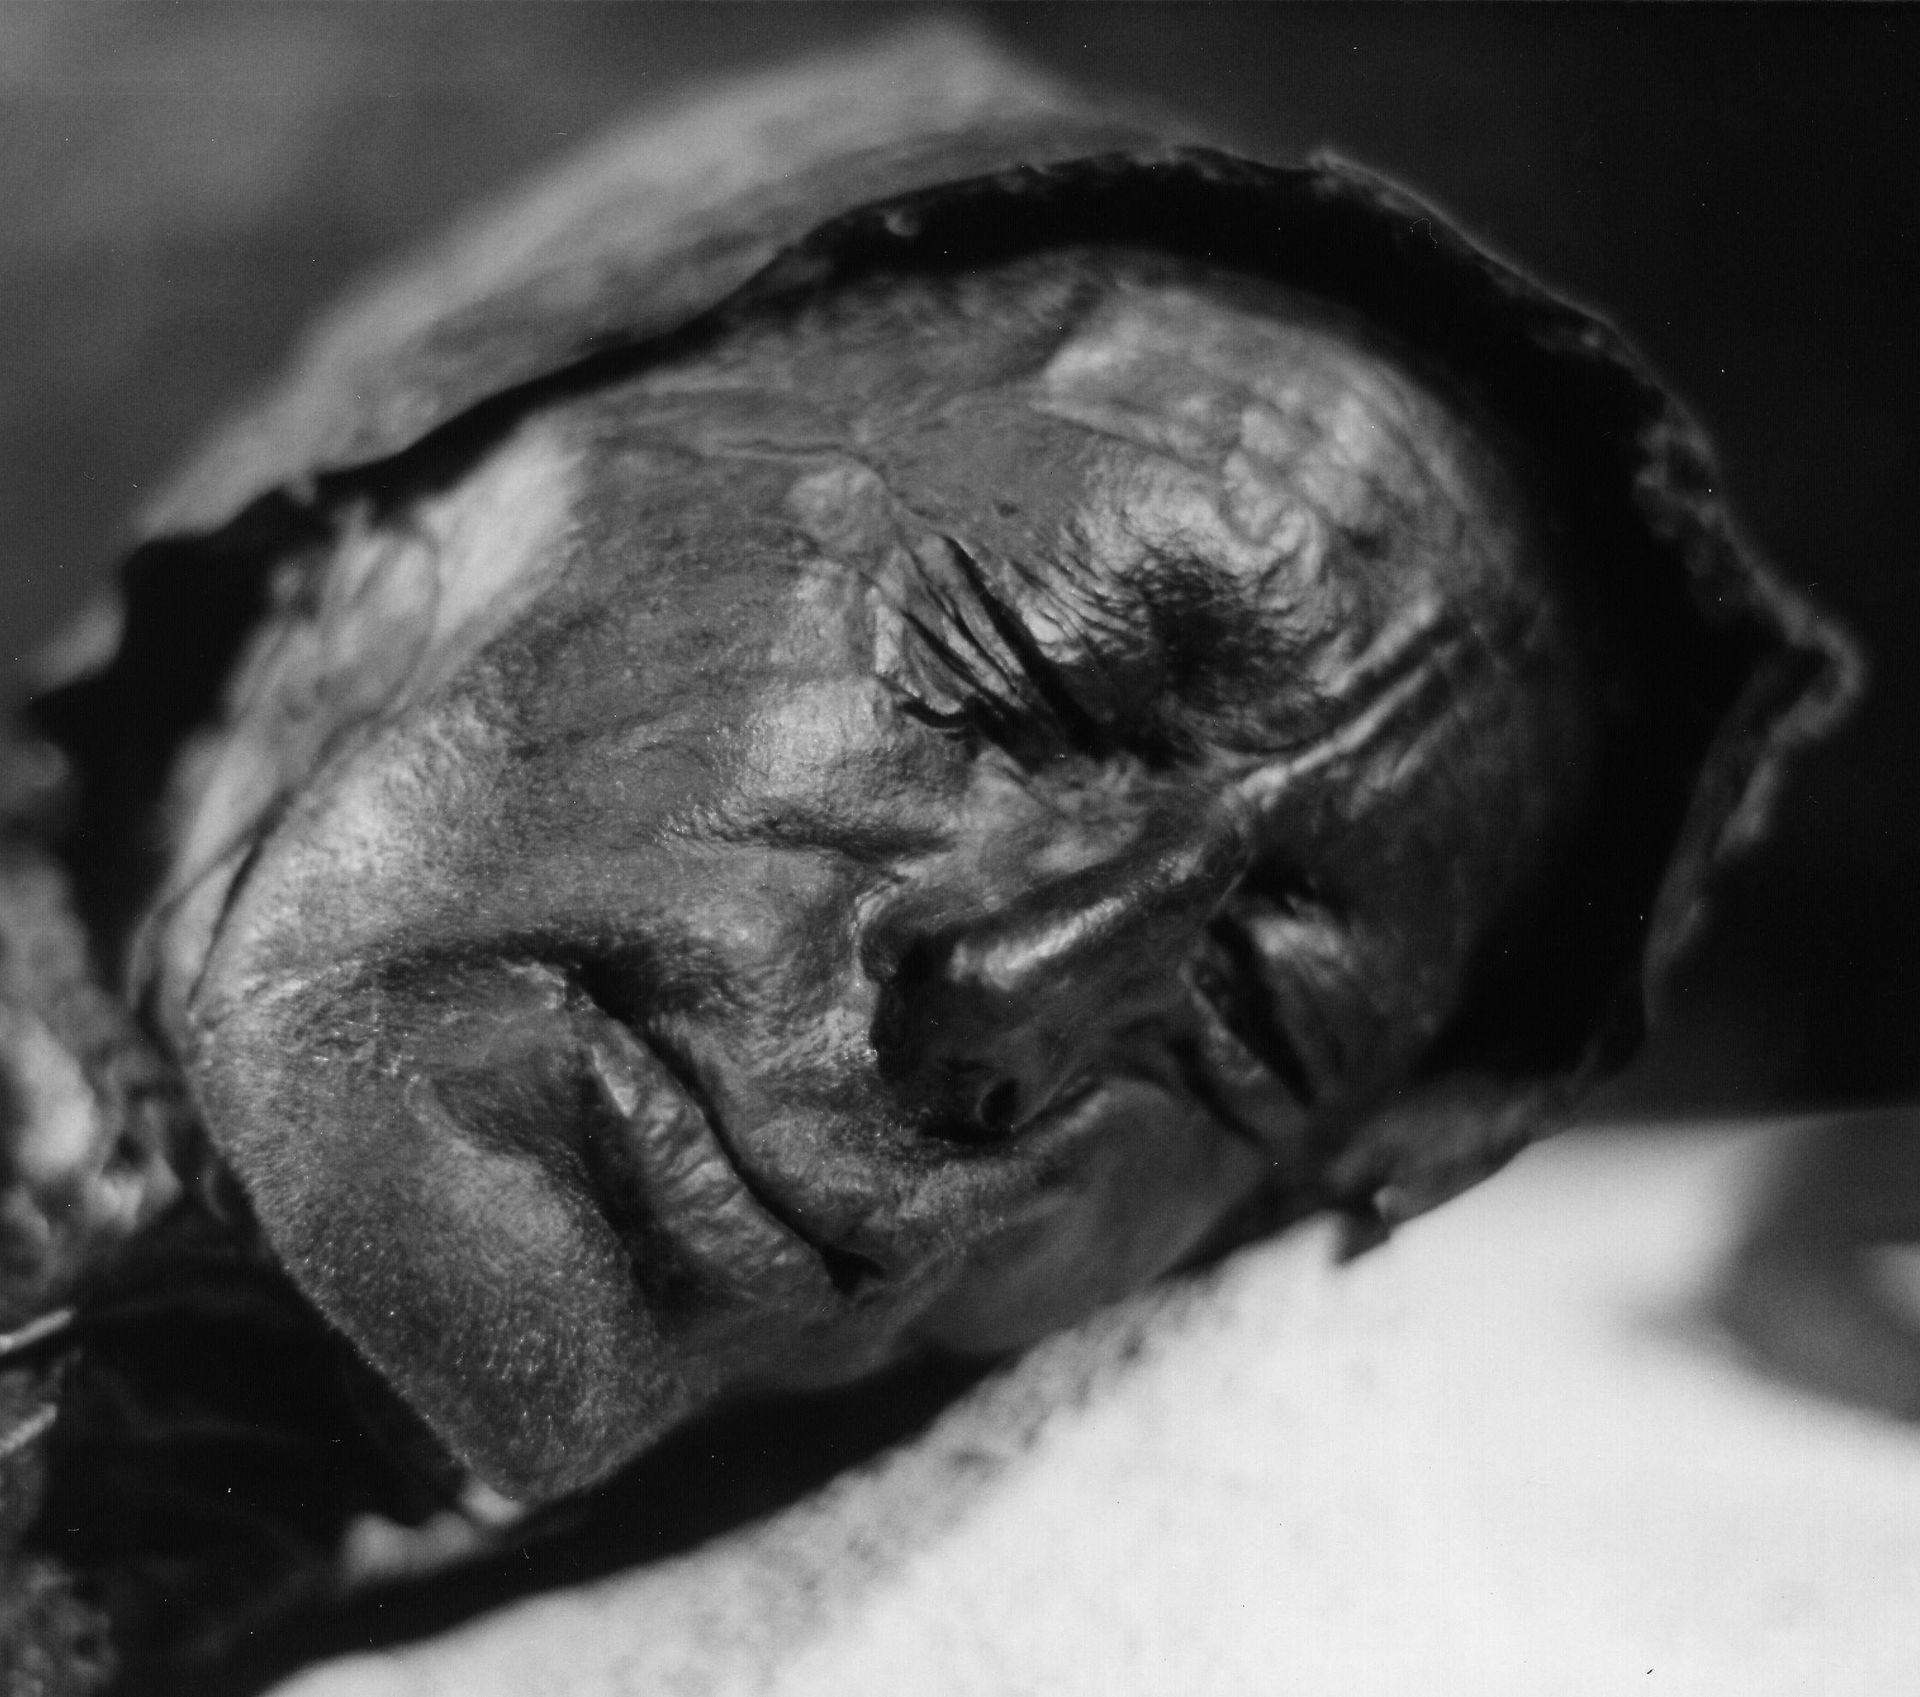 tollund man iron age mummy bog body